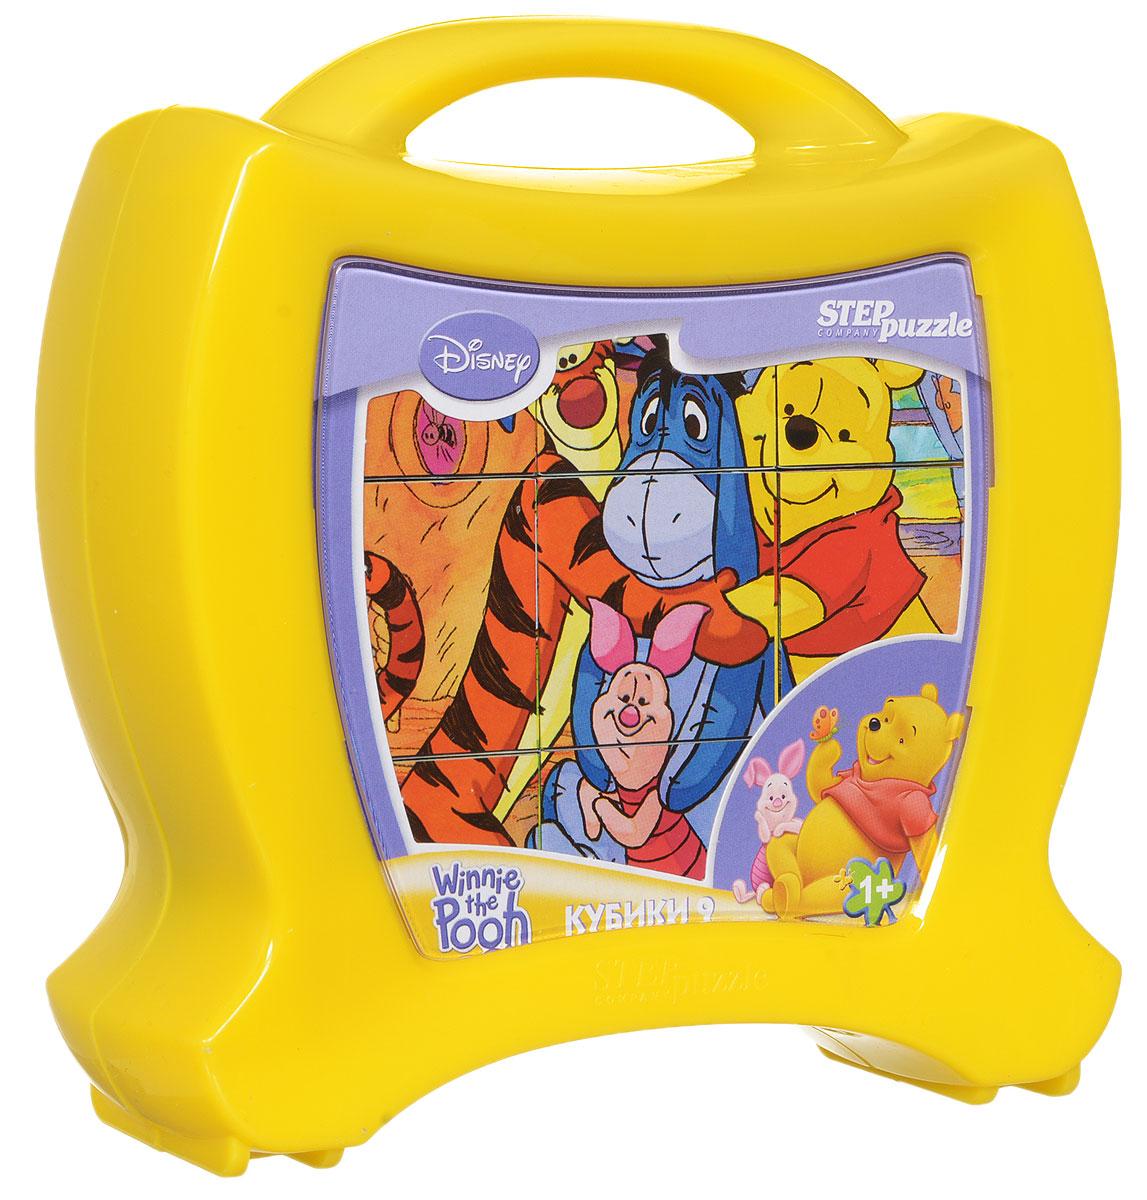 Step Puzzle Кубики Медвежонок Винни в чемоданчике87125С помощью кубиков Step Puzzle Медвежонок Винни ребенок сможет собрать целых шесть красочных картинок с любимыми героями мультфильма про Винни Пуха и его друзей. Игра с кубиками развивает зрительное восприятие, наблюдательность, мелкую моторику рук и произвольные движения. Ребенок научится складывать целостный образ из частей, определять недостающие детали изображения. Это прекрасный комплект для развлечения и времяпрепровождения с пользой для малыша.